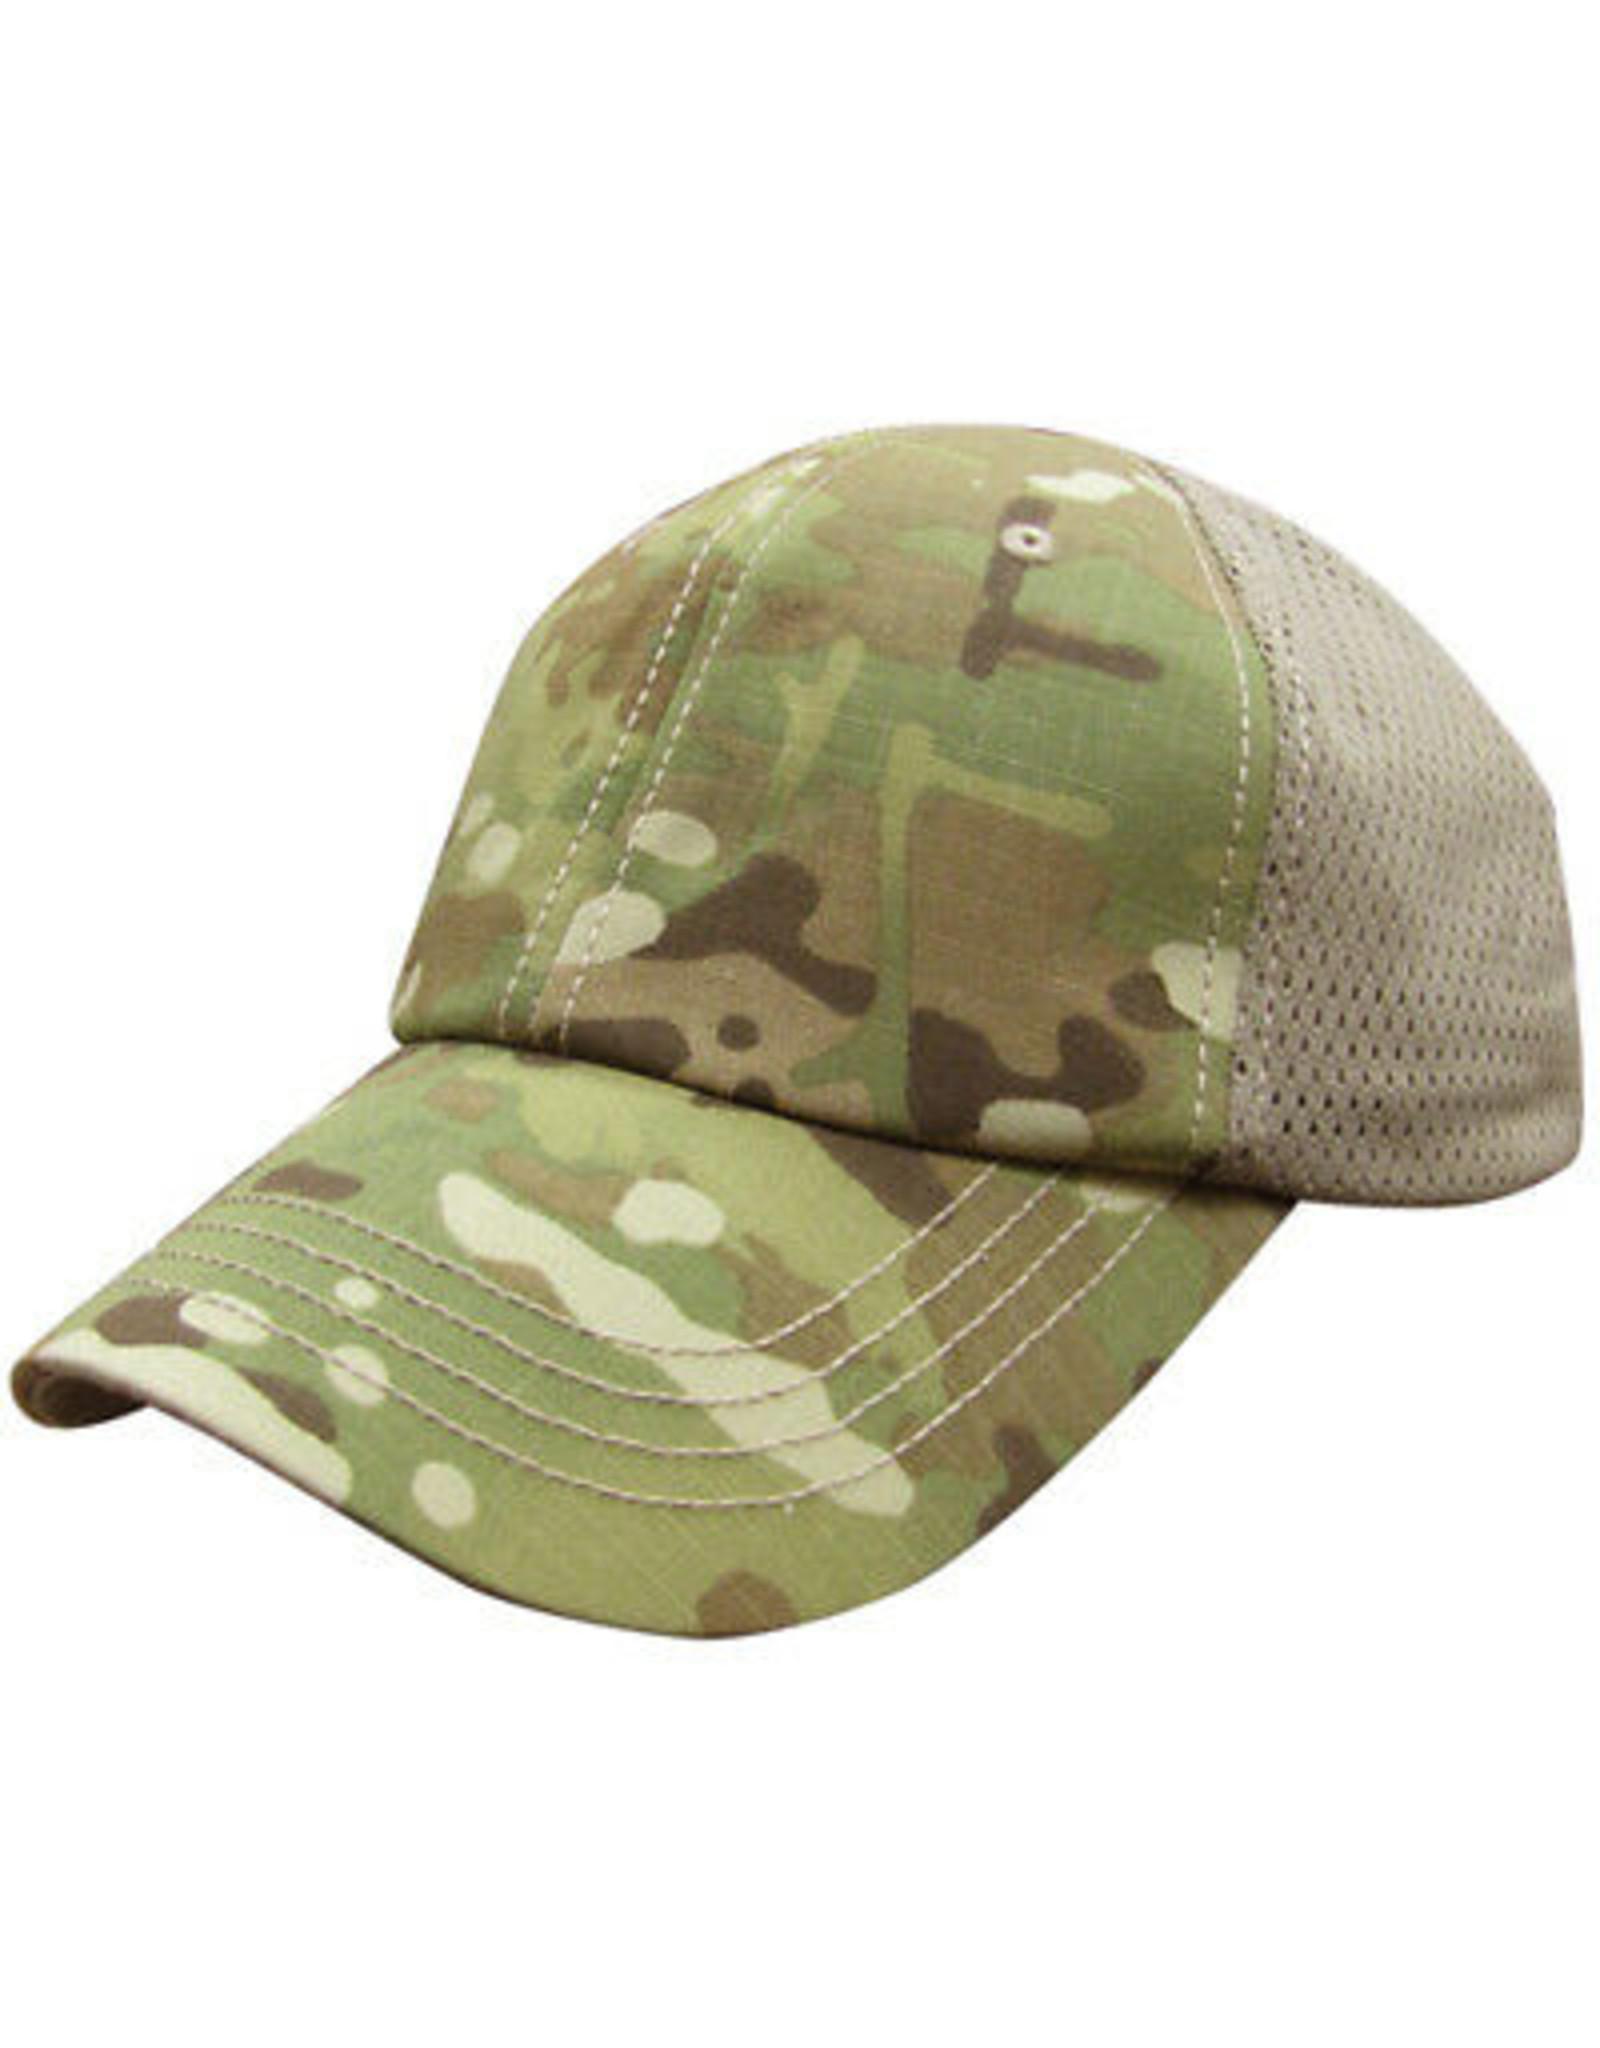 CONDOR TACTICAL MESH TACTICAL TEAM CAP WITH MULTICAM